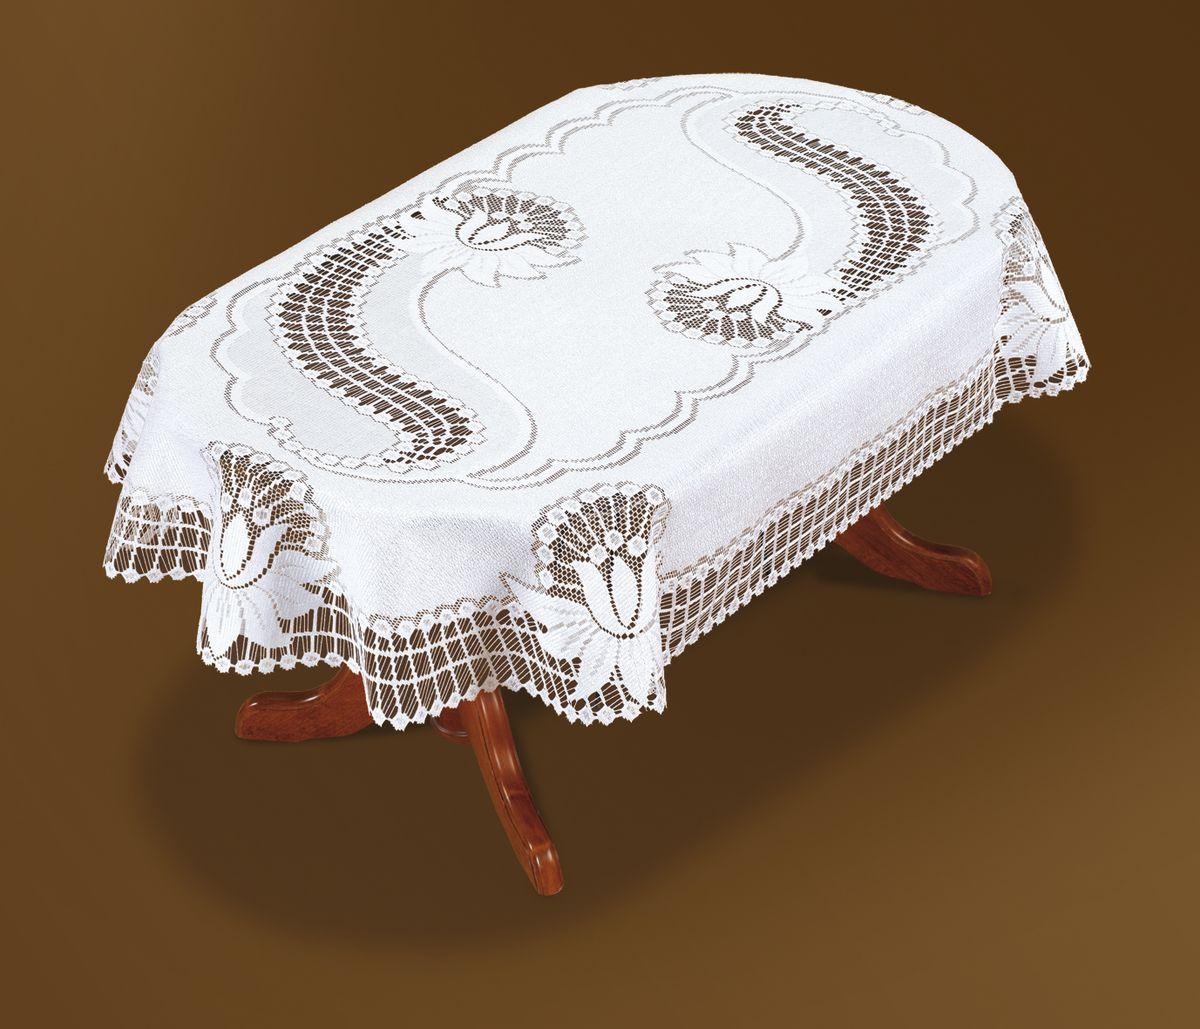 Скатерть Haft, овальная, цвет: белый, 250x 140 см. 46081-140VT-1520(SR)Великолепная овальная скатерть Haft, выполненная из полиэстера, органично впишется в интерьер любого помещения, а оригинальный дизайн удовлетворит даже самый изысканный вкус. Скатерть изготовлена из сетчатого материала с ажурным рисунком. Края скатерти закруглены.Скатерть Haft создаст праздничное настроение и станет прекрасным дополнением интерьера гостиной, кухни или столовой.